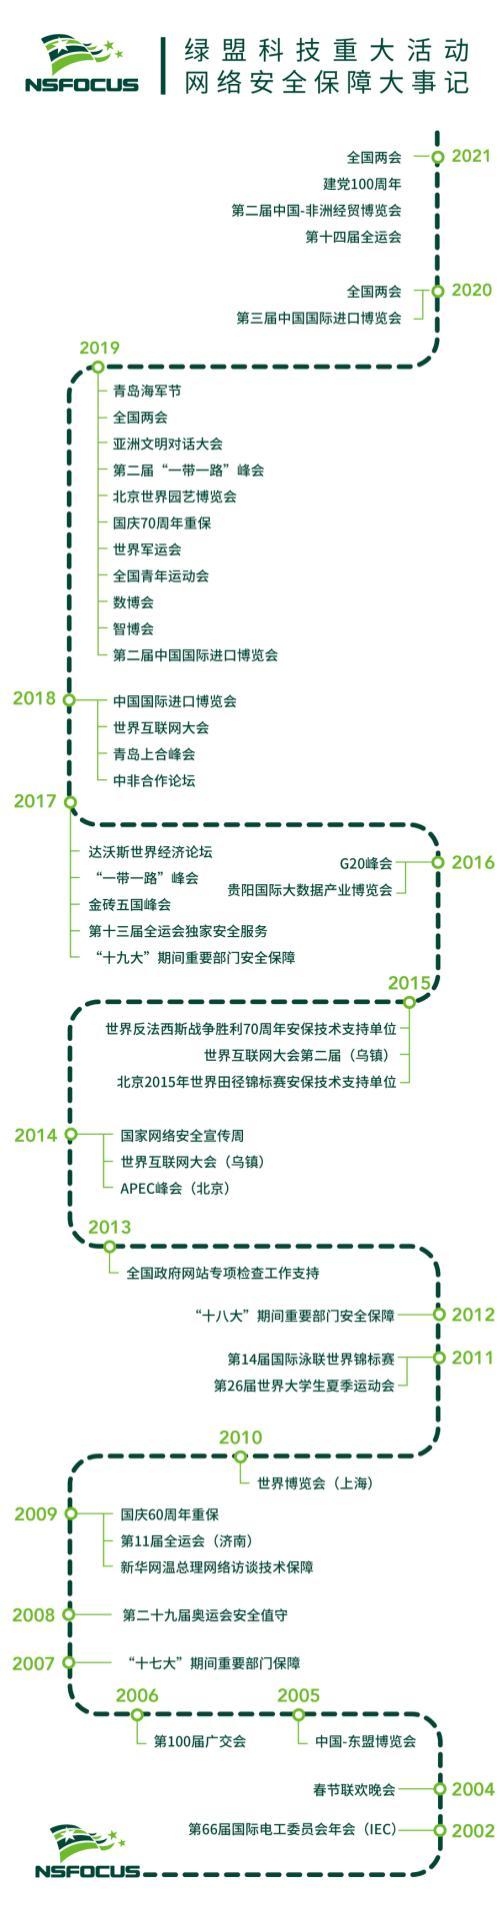 绿盟科技圆满完成全运会、中国-非洲经贸博览会暨中非经贸合作论坛重保工作